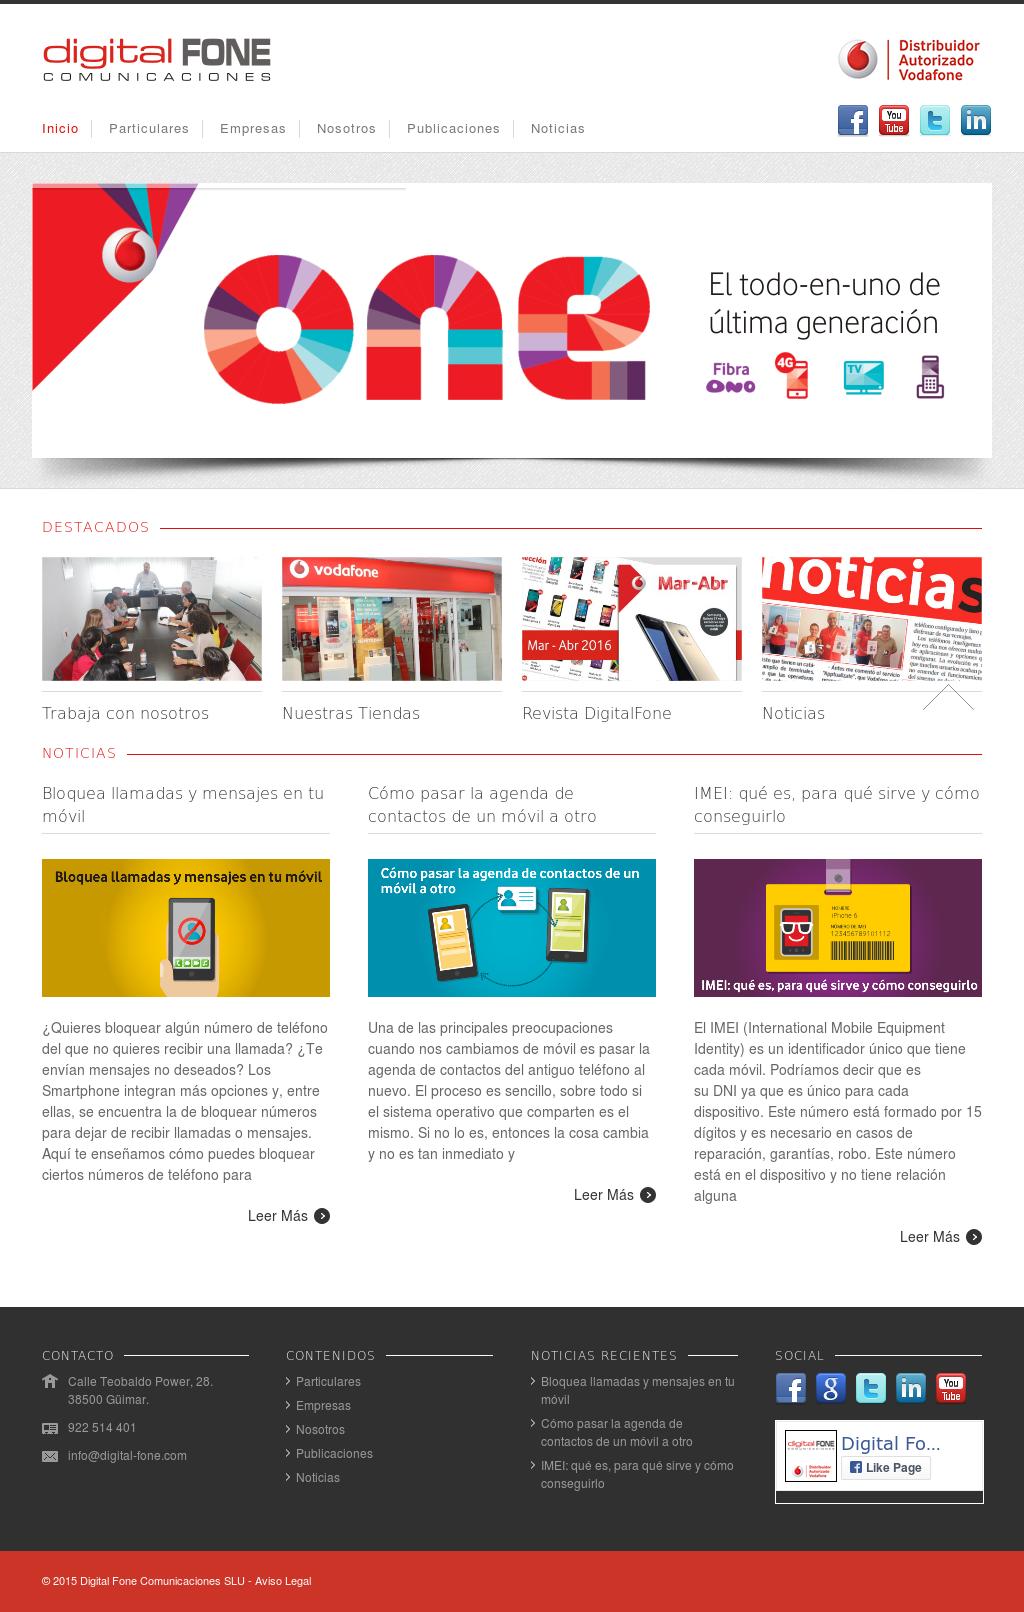 Digital Fone Comunicaciones Competitors, Revenue and